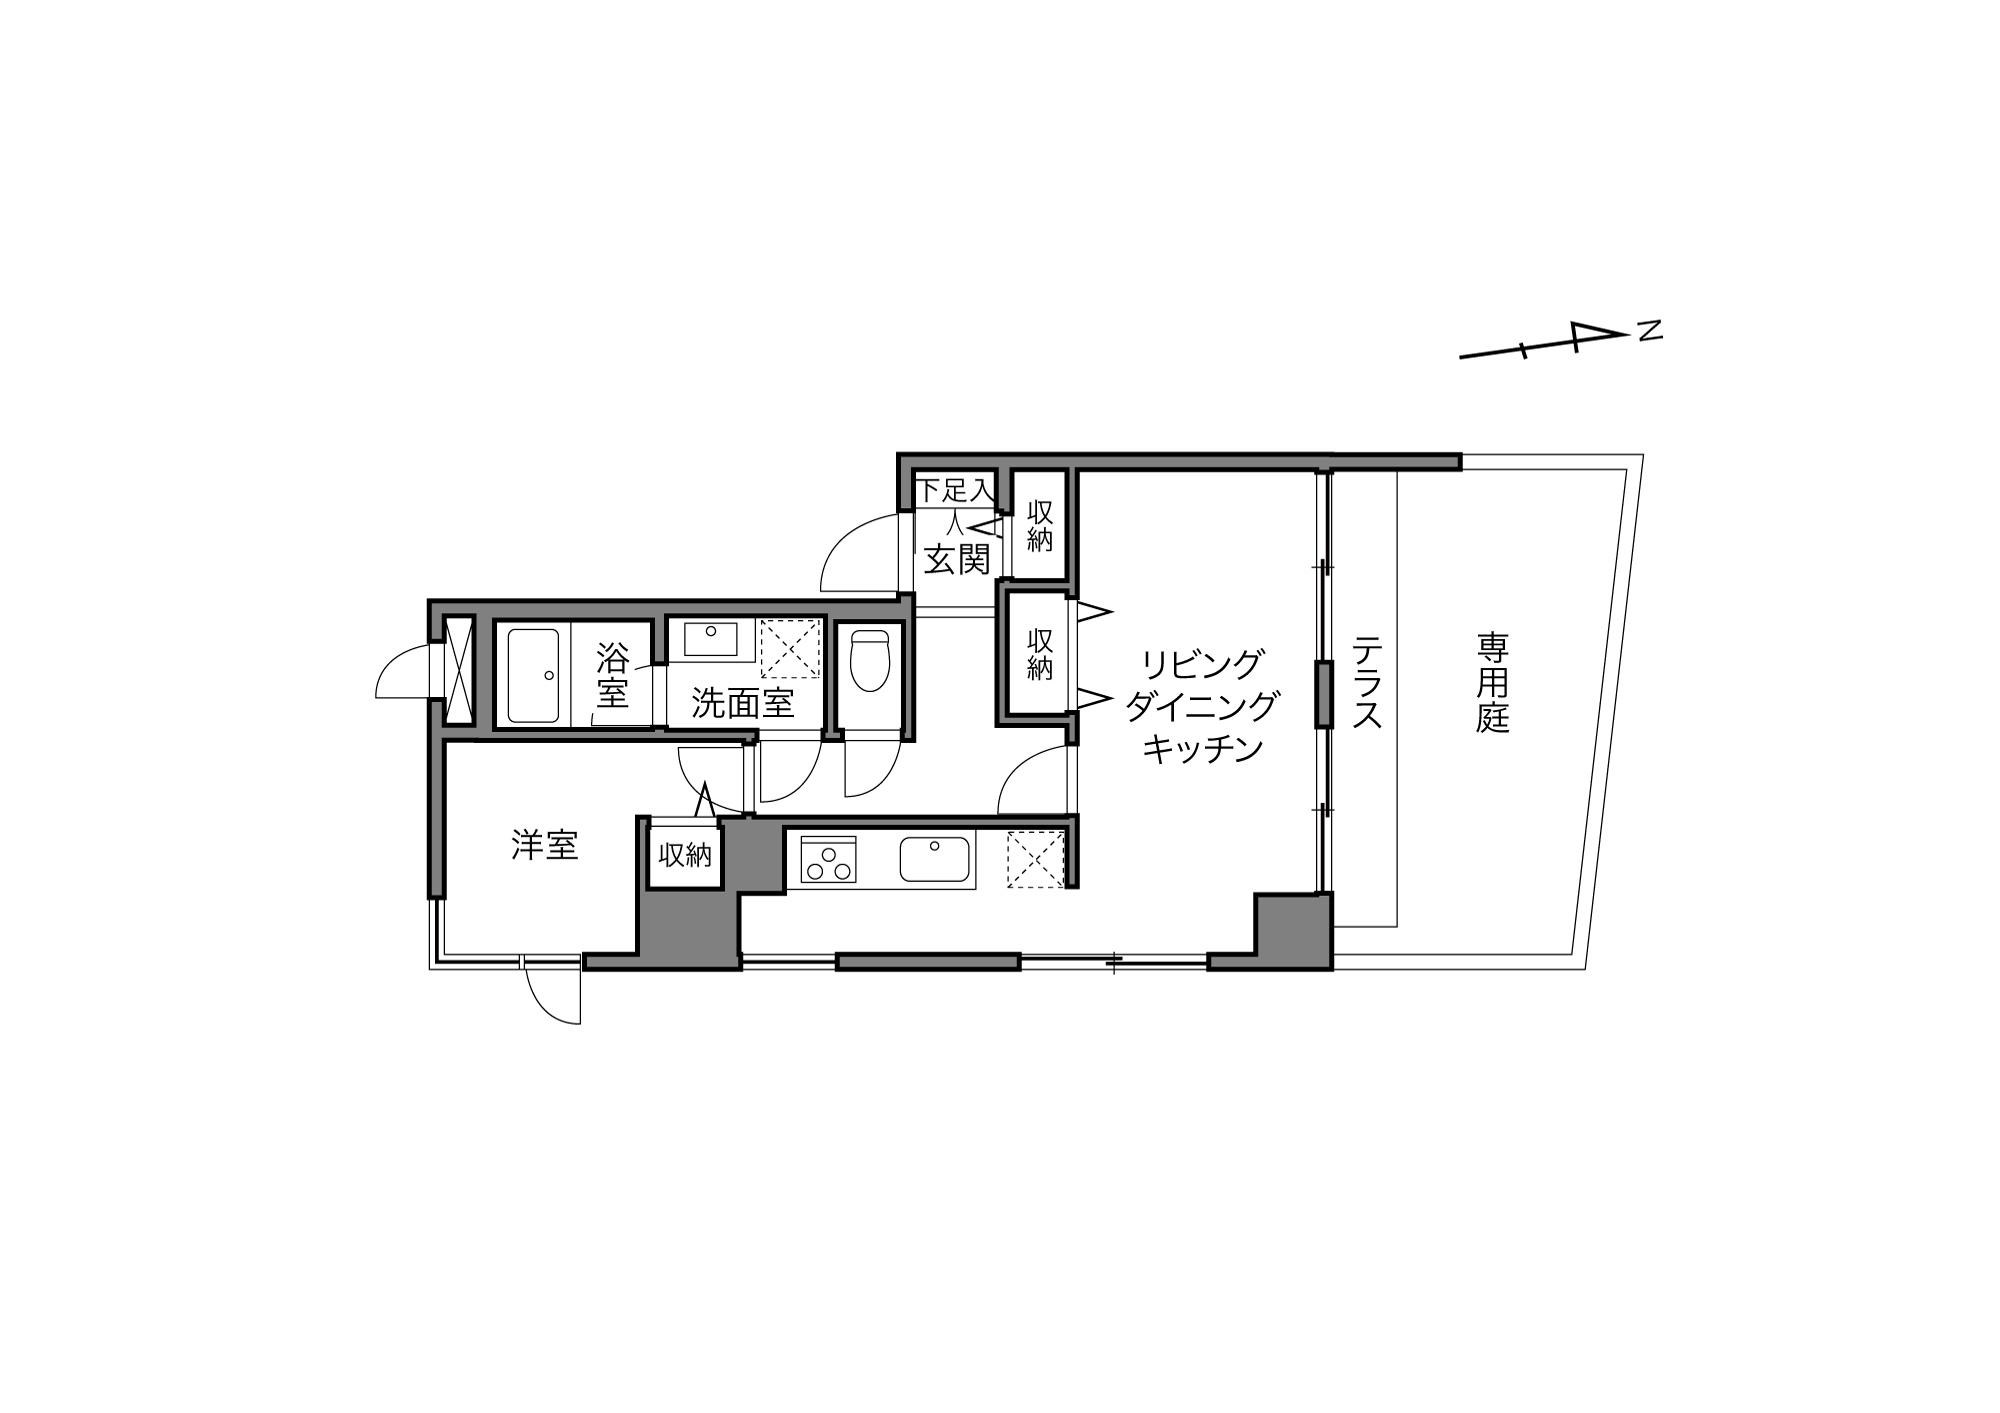 牛込柳町駅 / 1LDK / 40.62㎡